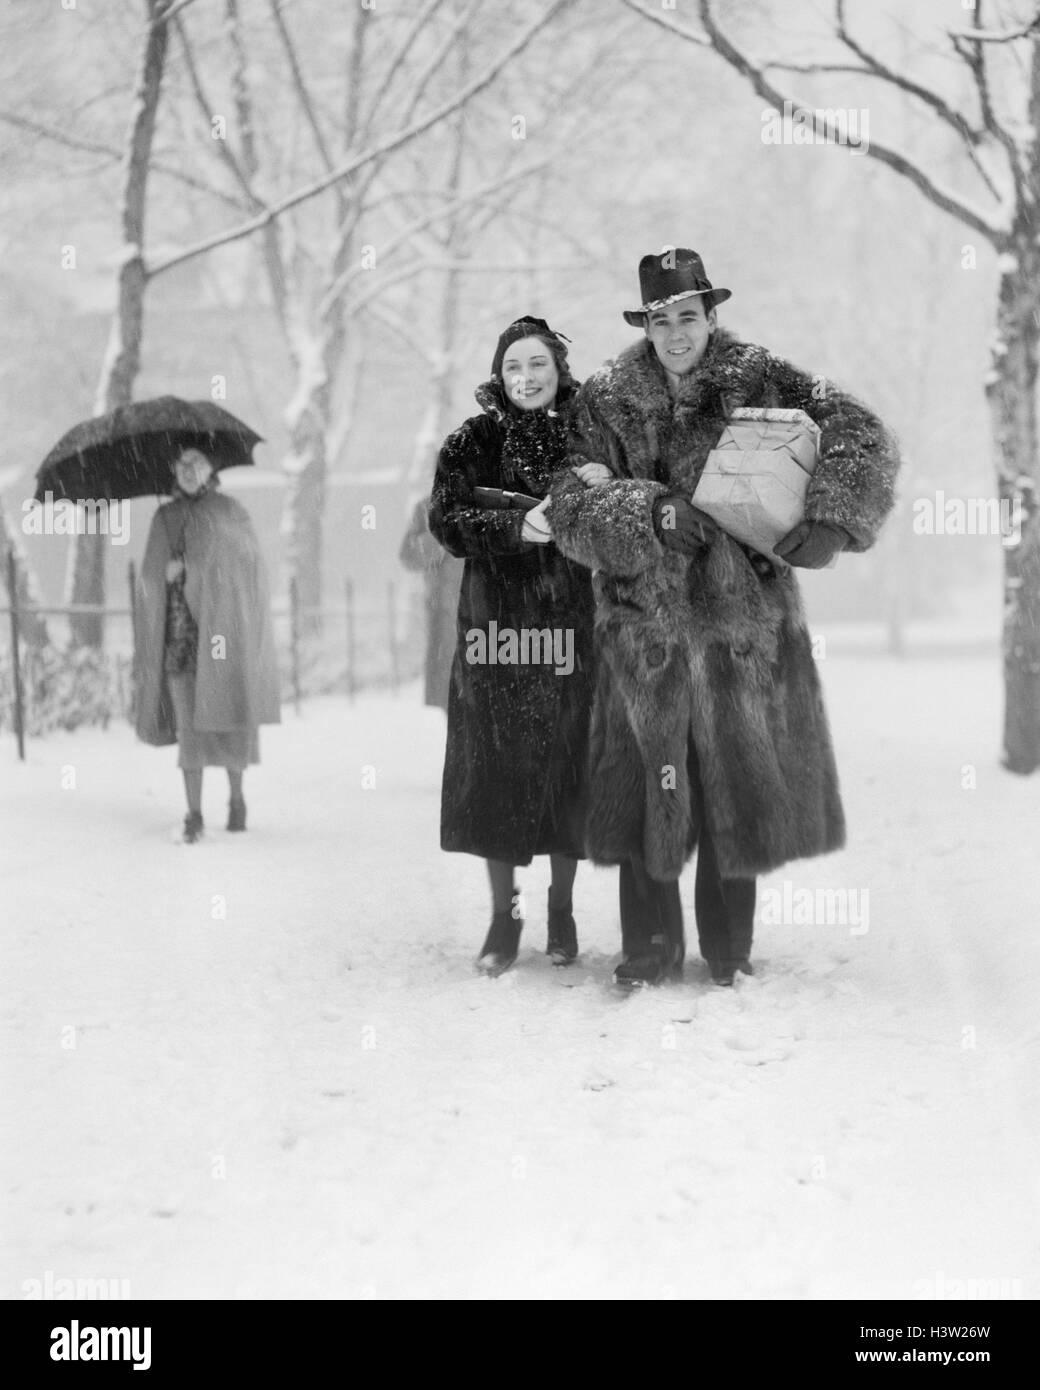 1930s SMILING CHRISTMAS SHOPPING COUPLE WEARING FUR COATS ...